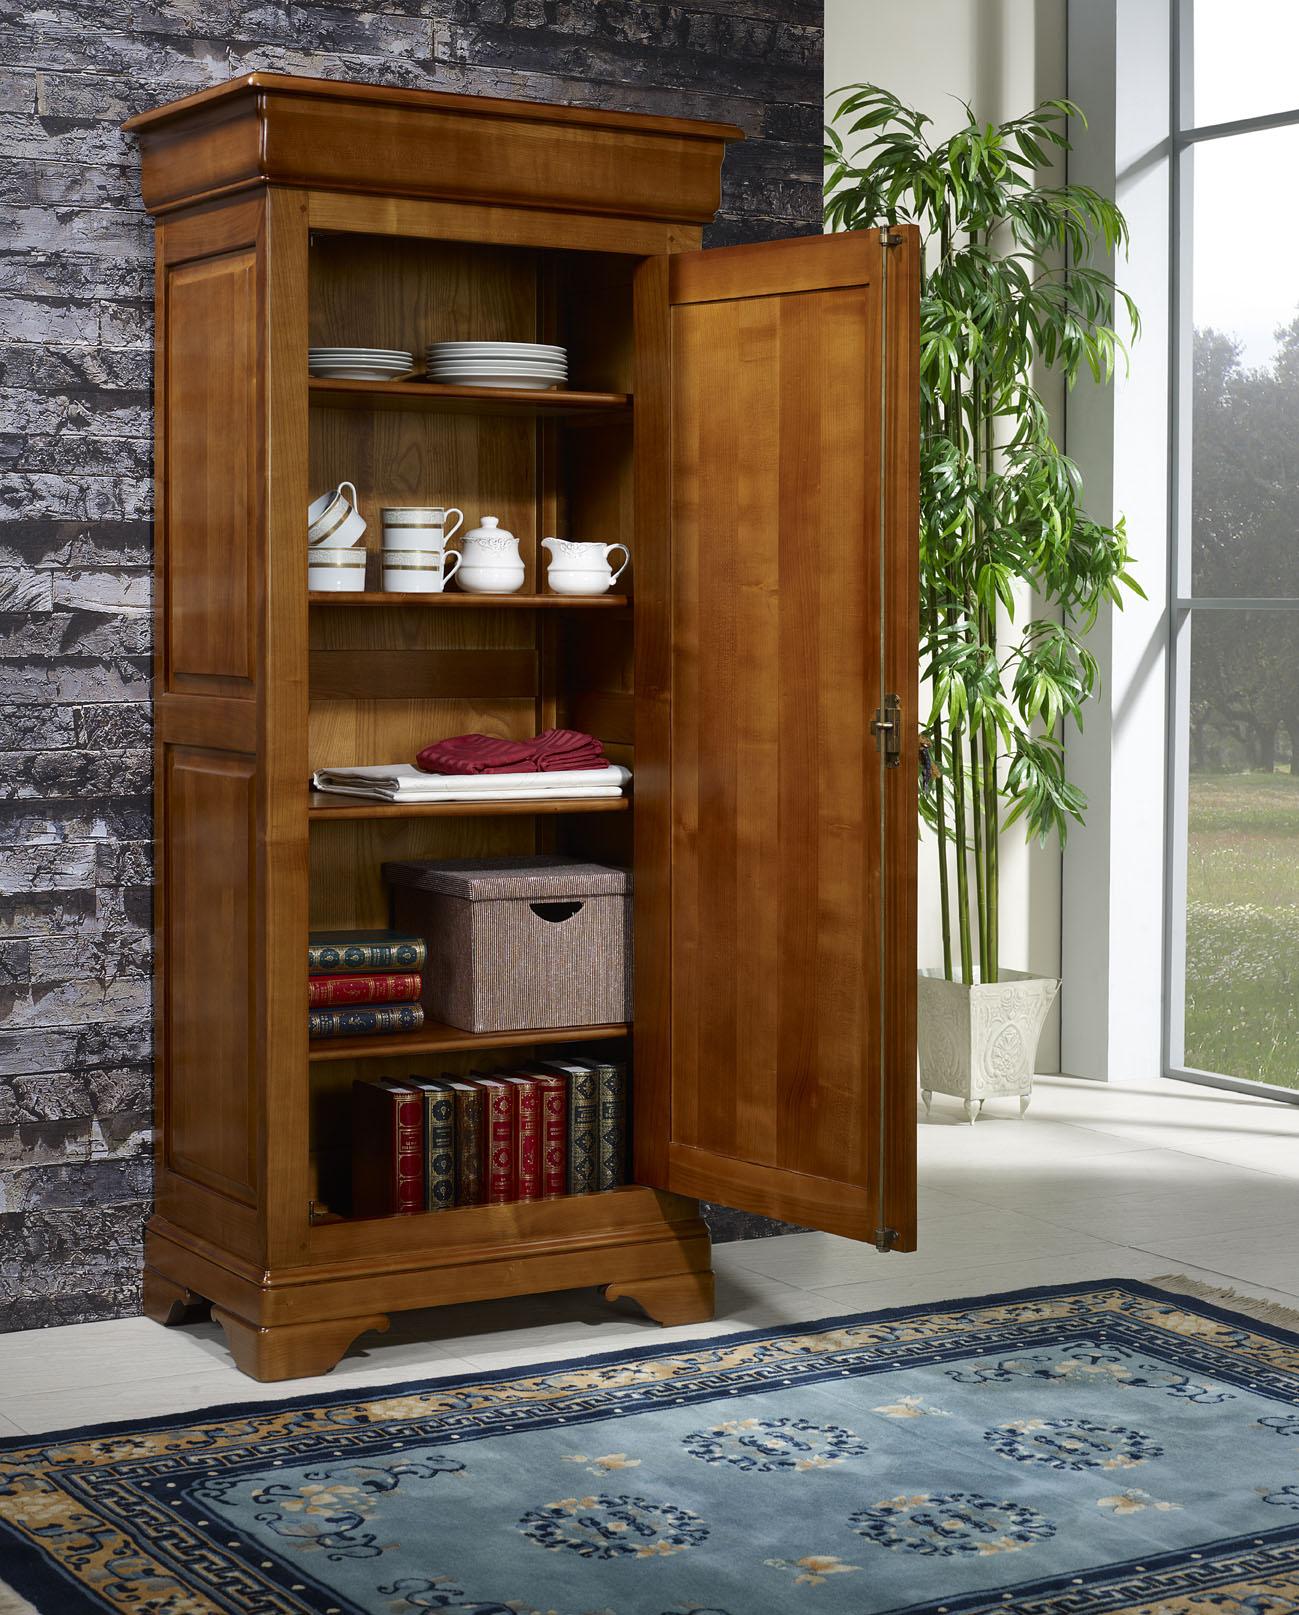 bonneti re en merisier massif de style louis philippe meuble en merisier. Black Bedroom Furniture Sets. Home Design Ideas